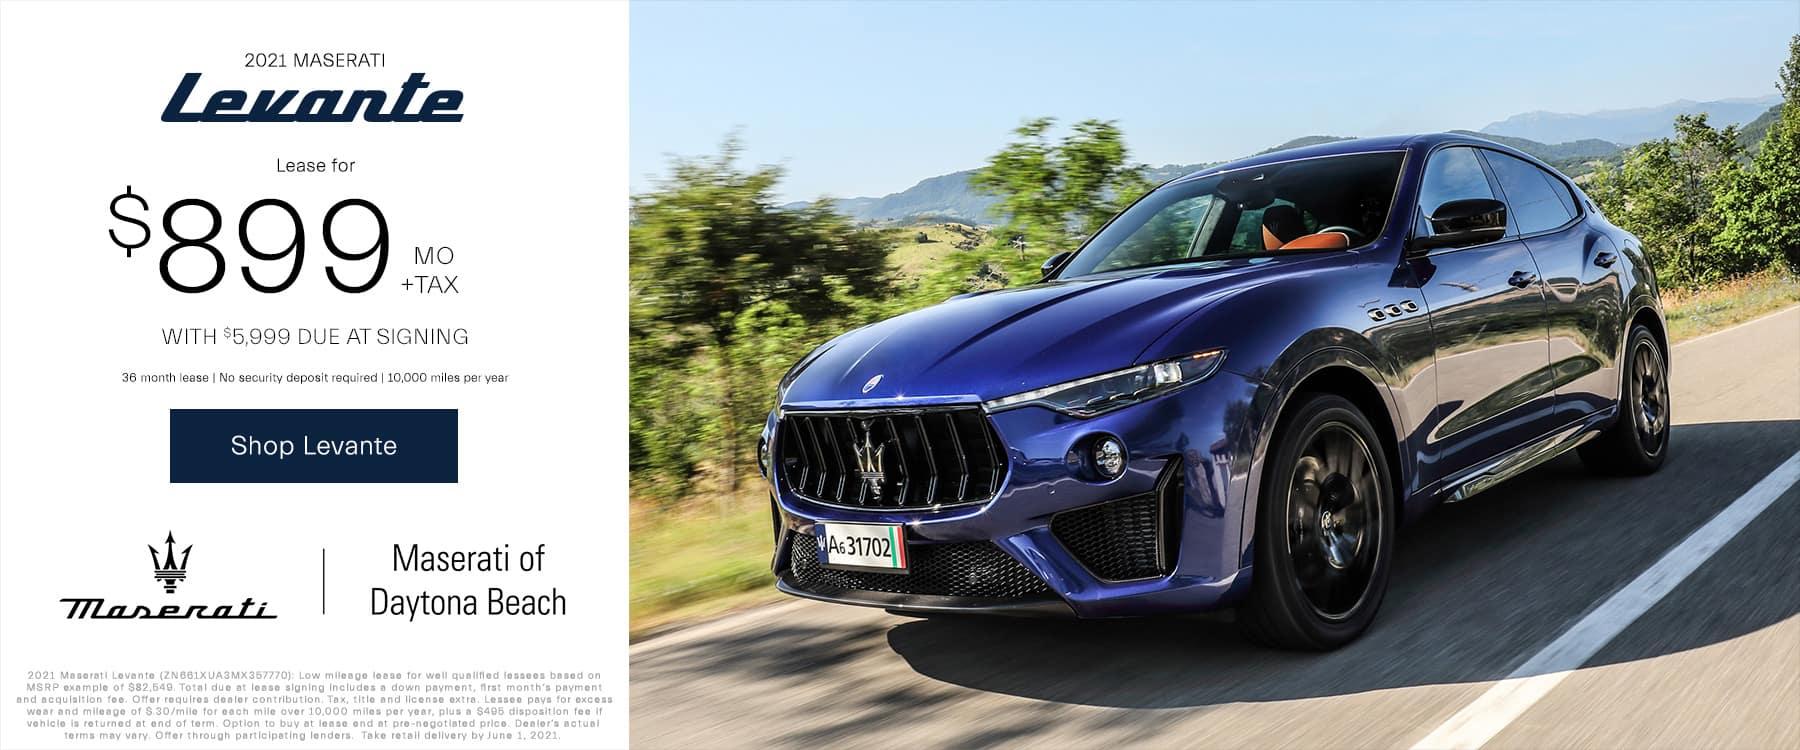 DMAR-2105-Maserati-1800×750-02